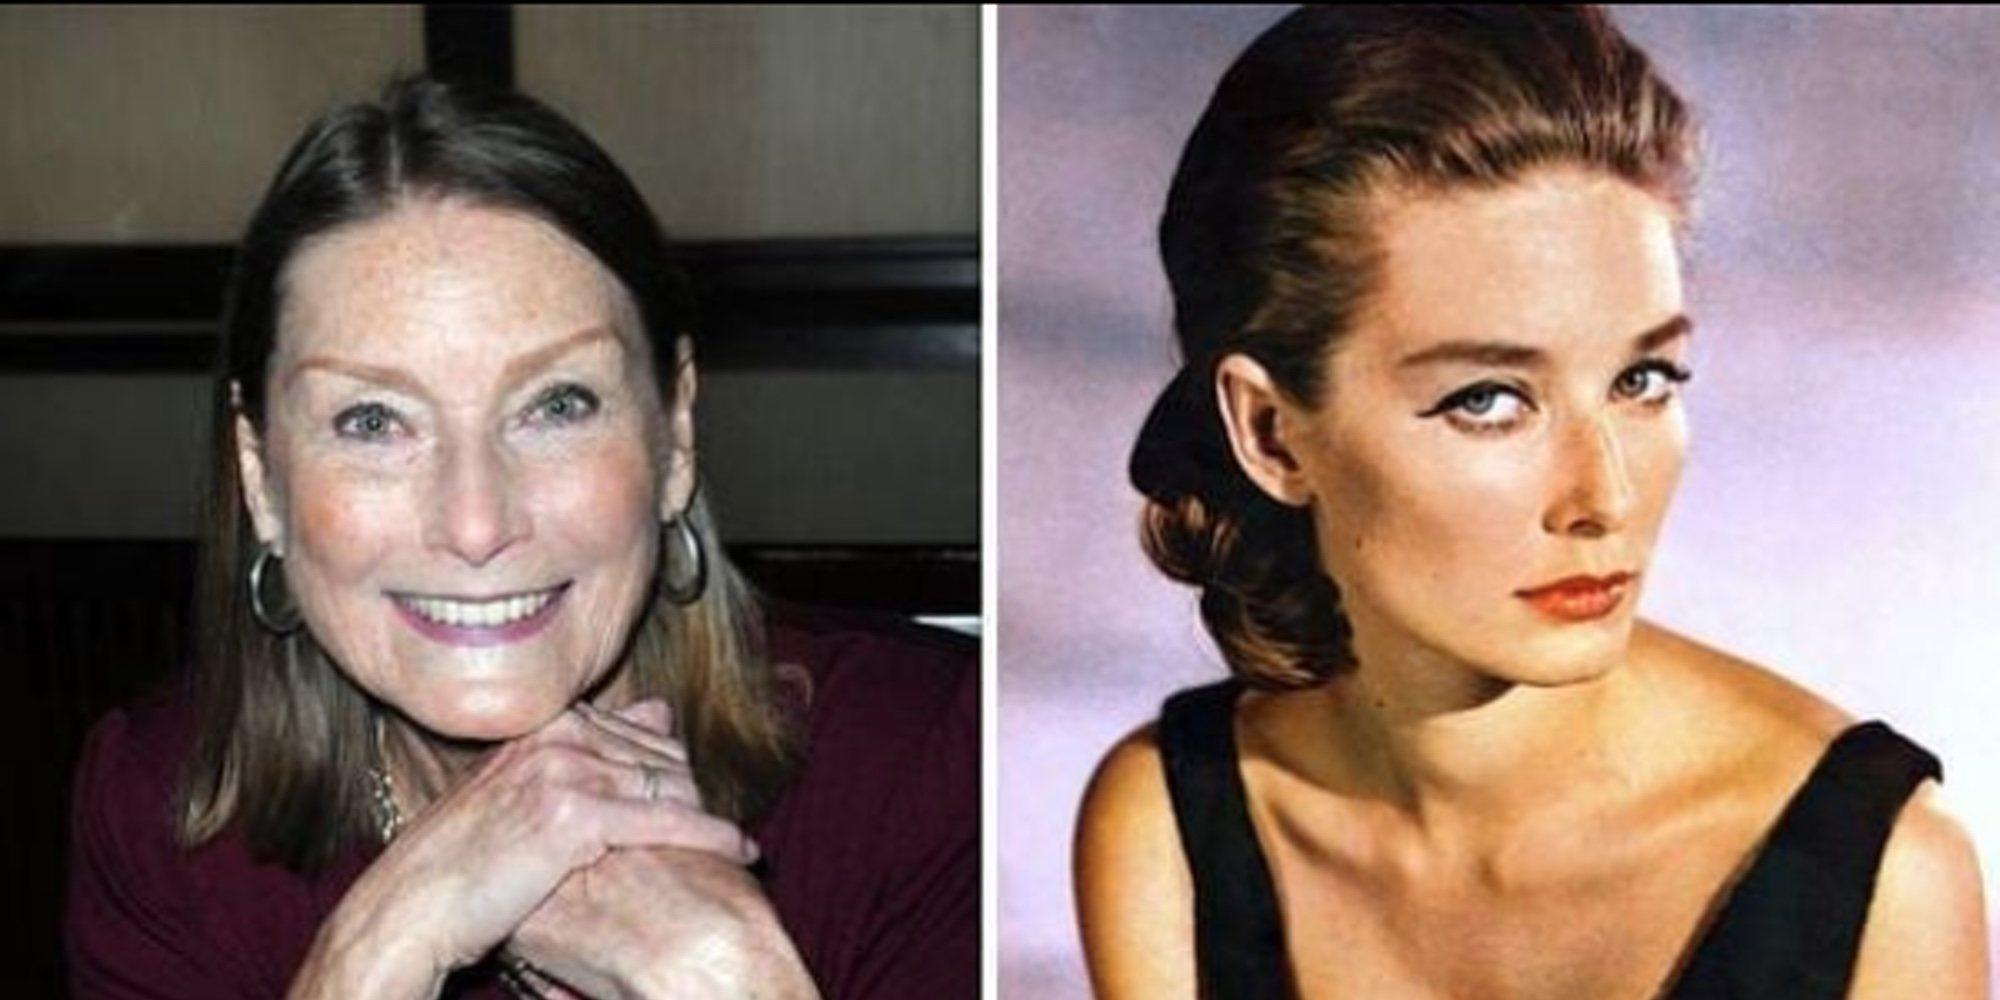 Muere Tania Mallet, la Chica Bond de 'Goldfinger', a los 77 años